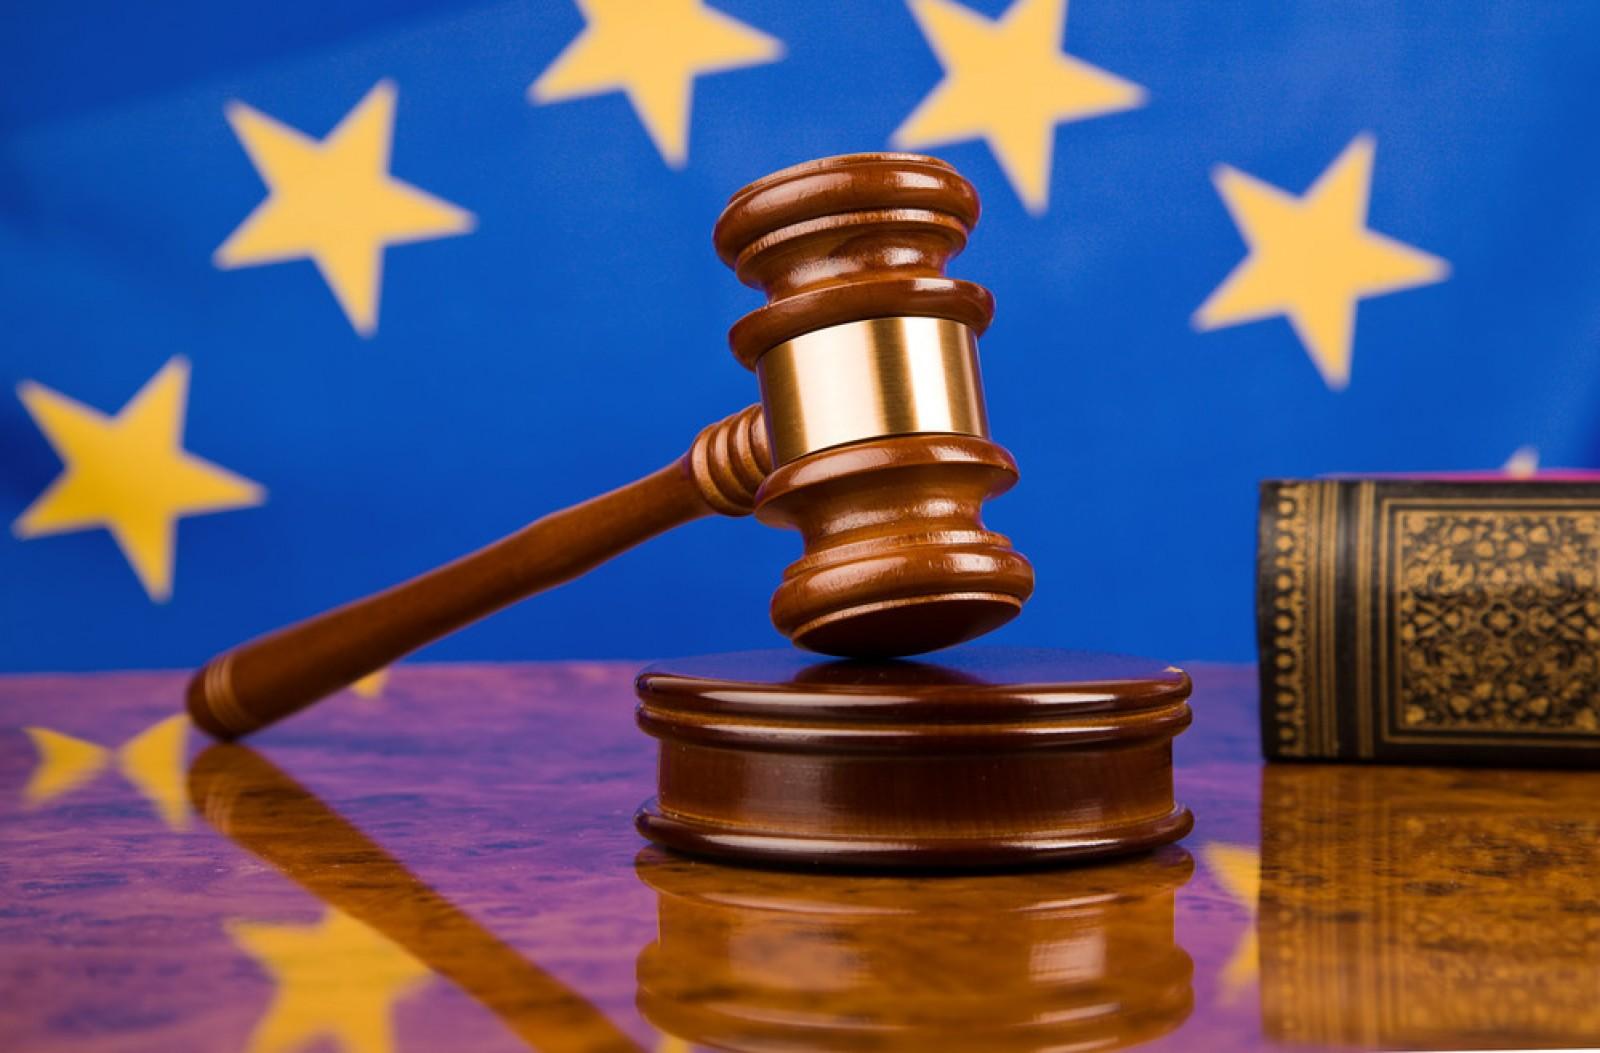 требовалось Европейский суд по правам человека решения 1 ст 6 конвенции таком